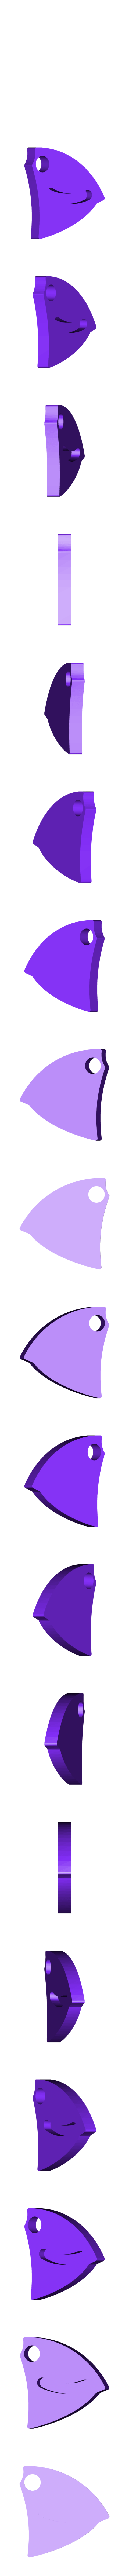 Blade, Iris Pendant.STL Télécharger fichier STL gratuit Pendentif Iris • Design pour impression 3D, potentprintables